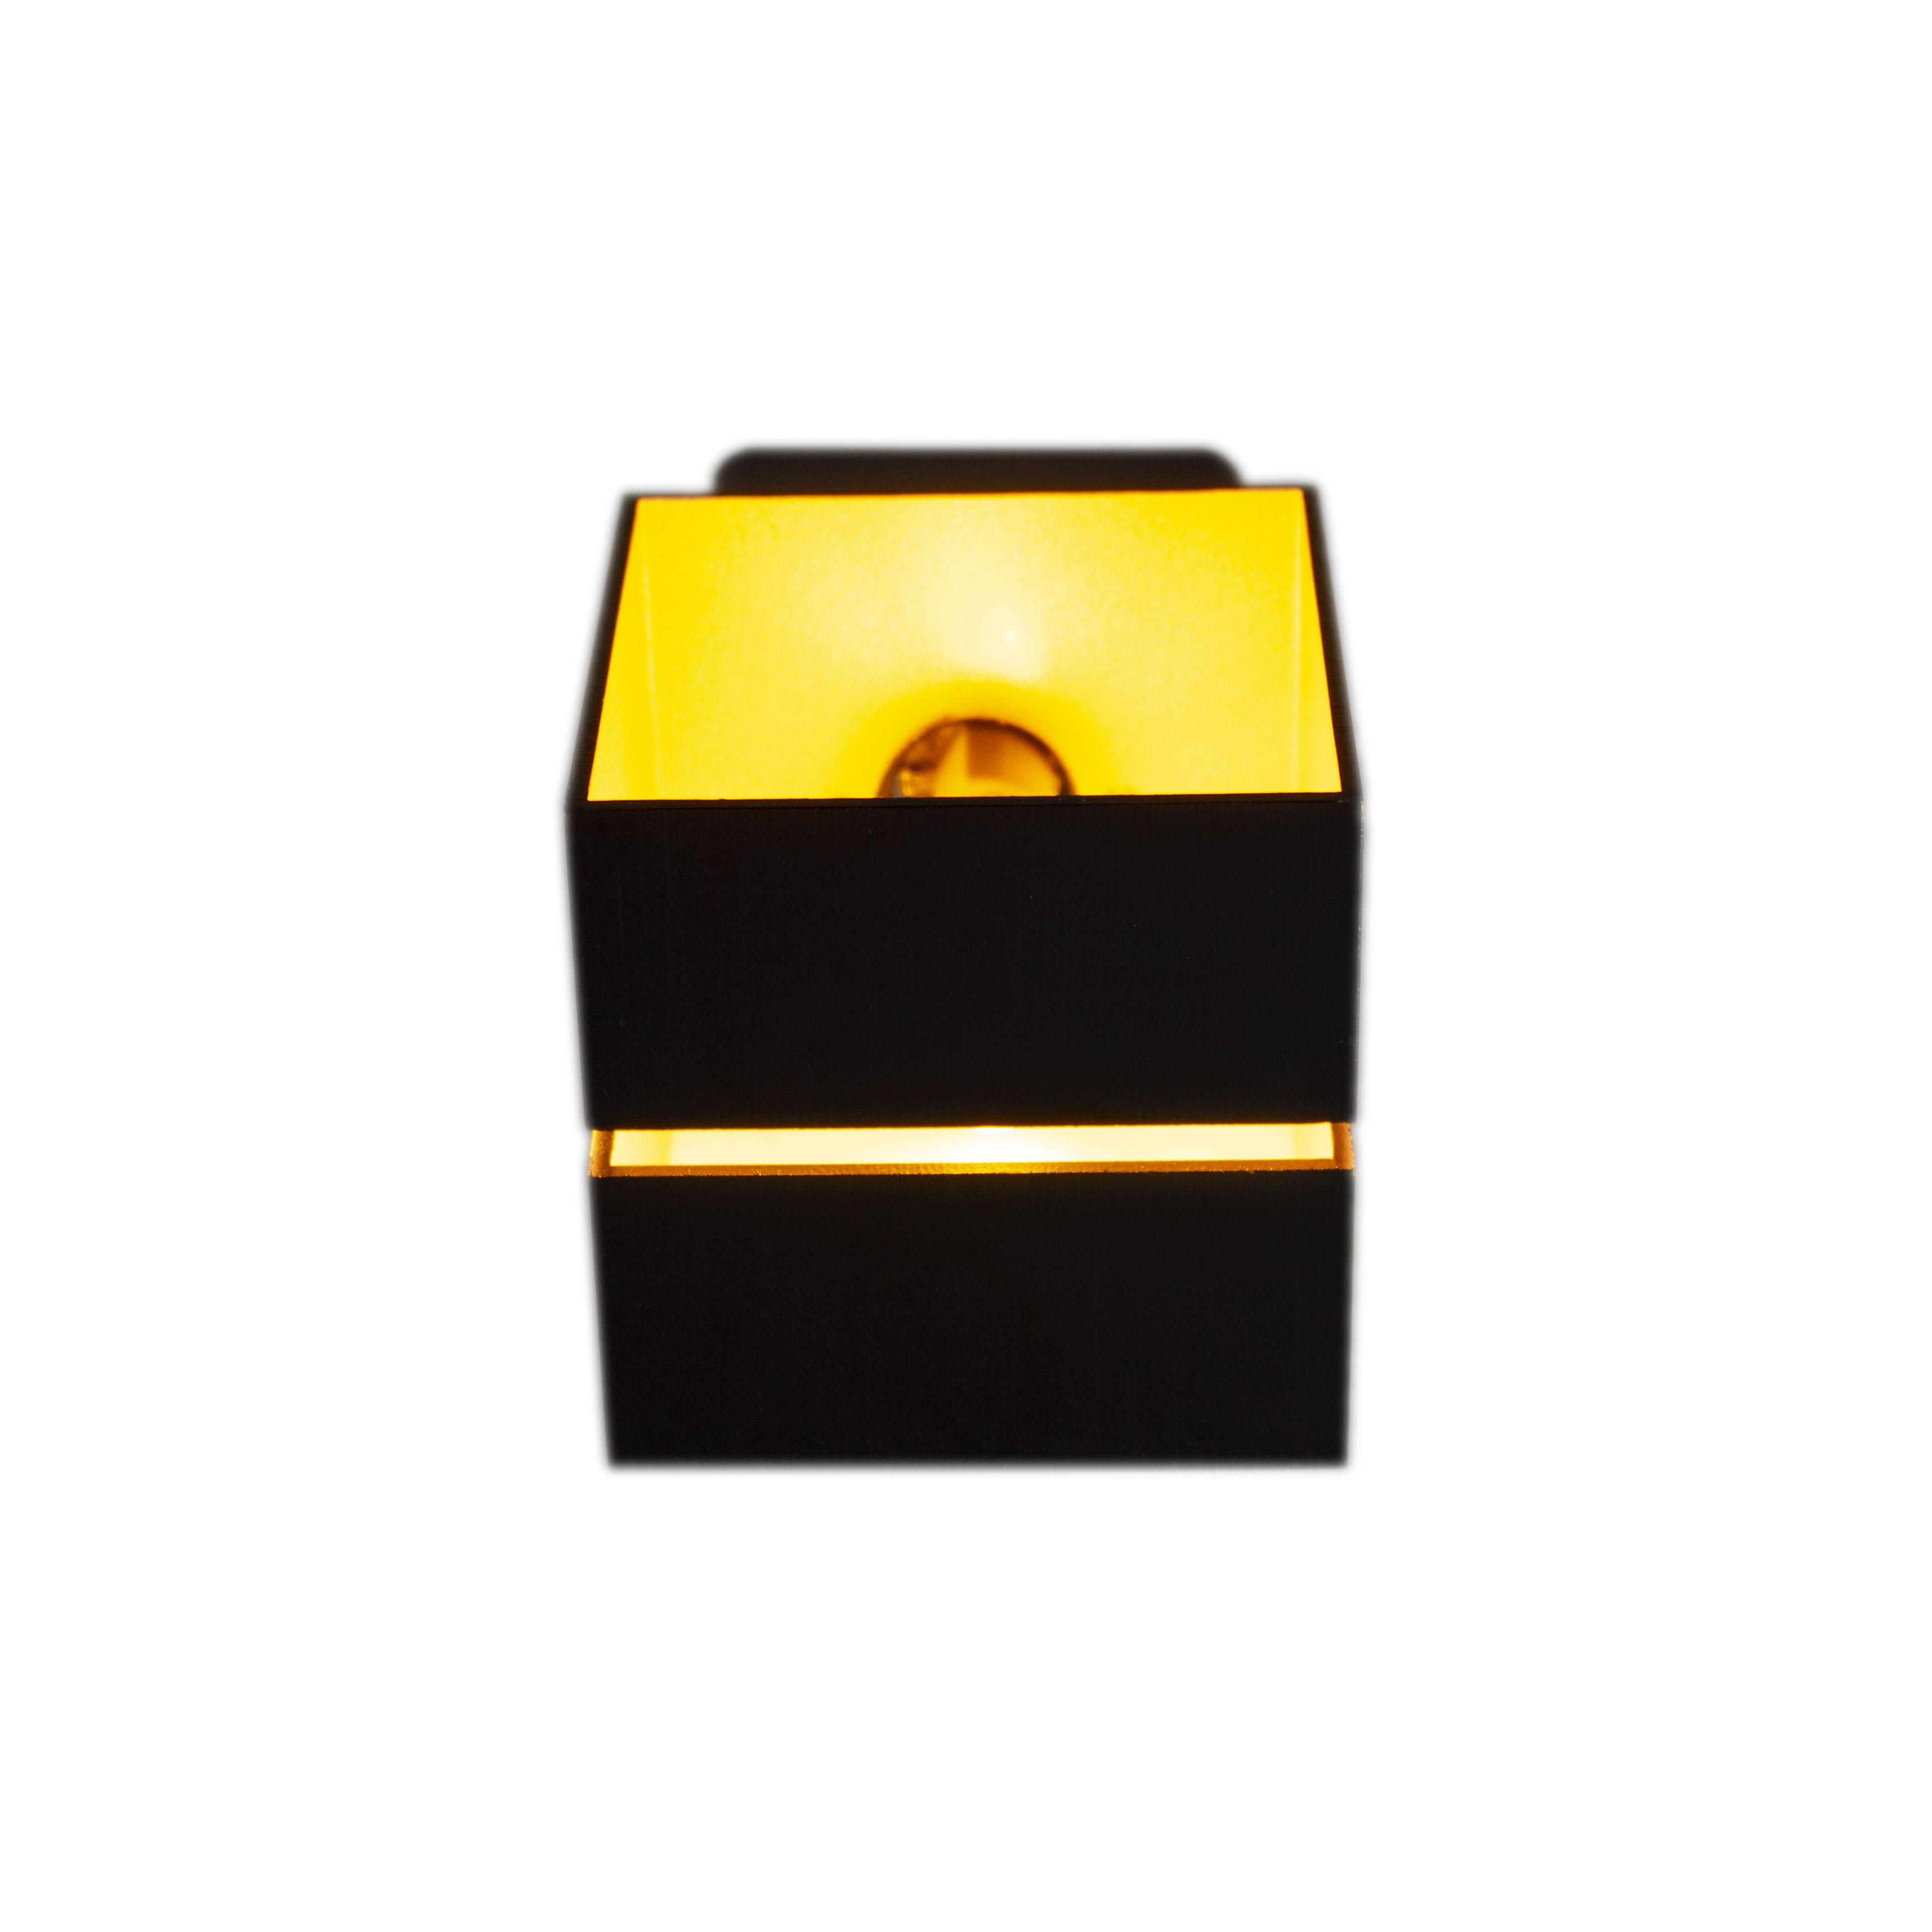 Led wandlamp vierkant zwart goud 2 keer G9 fitting - ip20 - vooraanzicht lamp aan